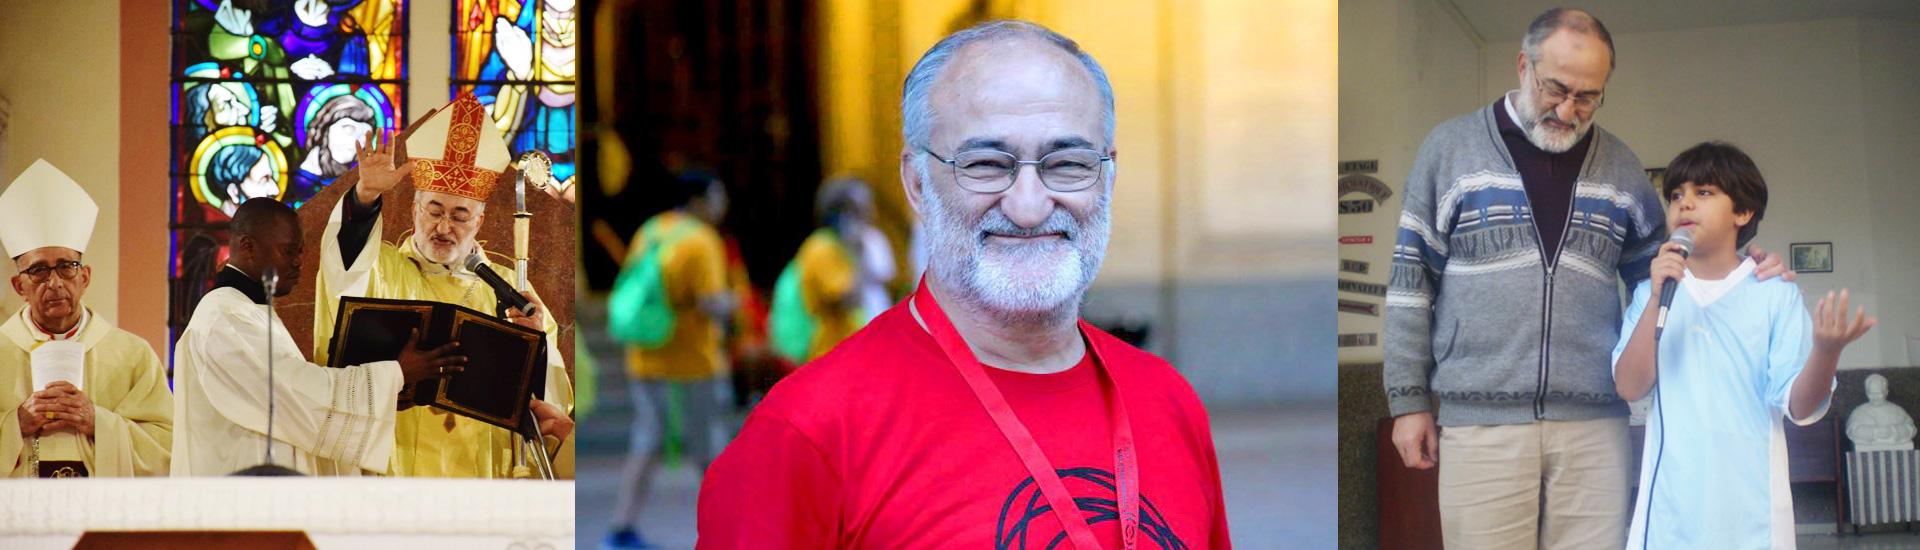 Un salesiano español, arzobispo de Rabat